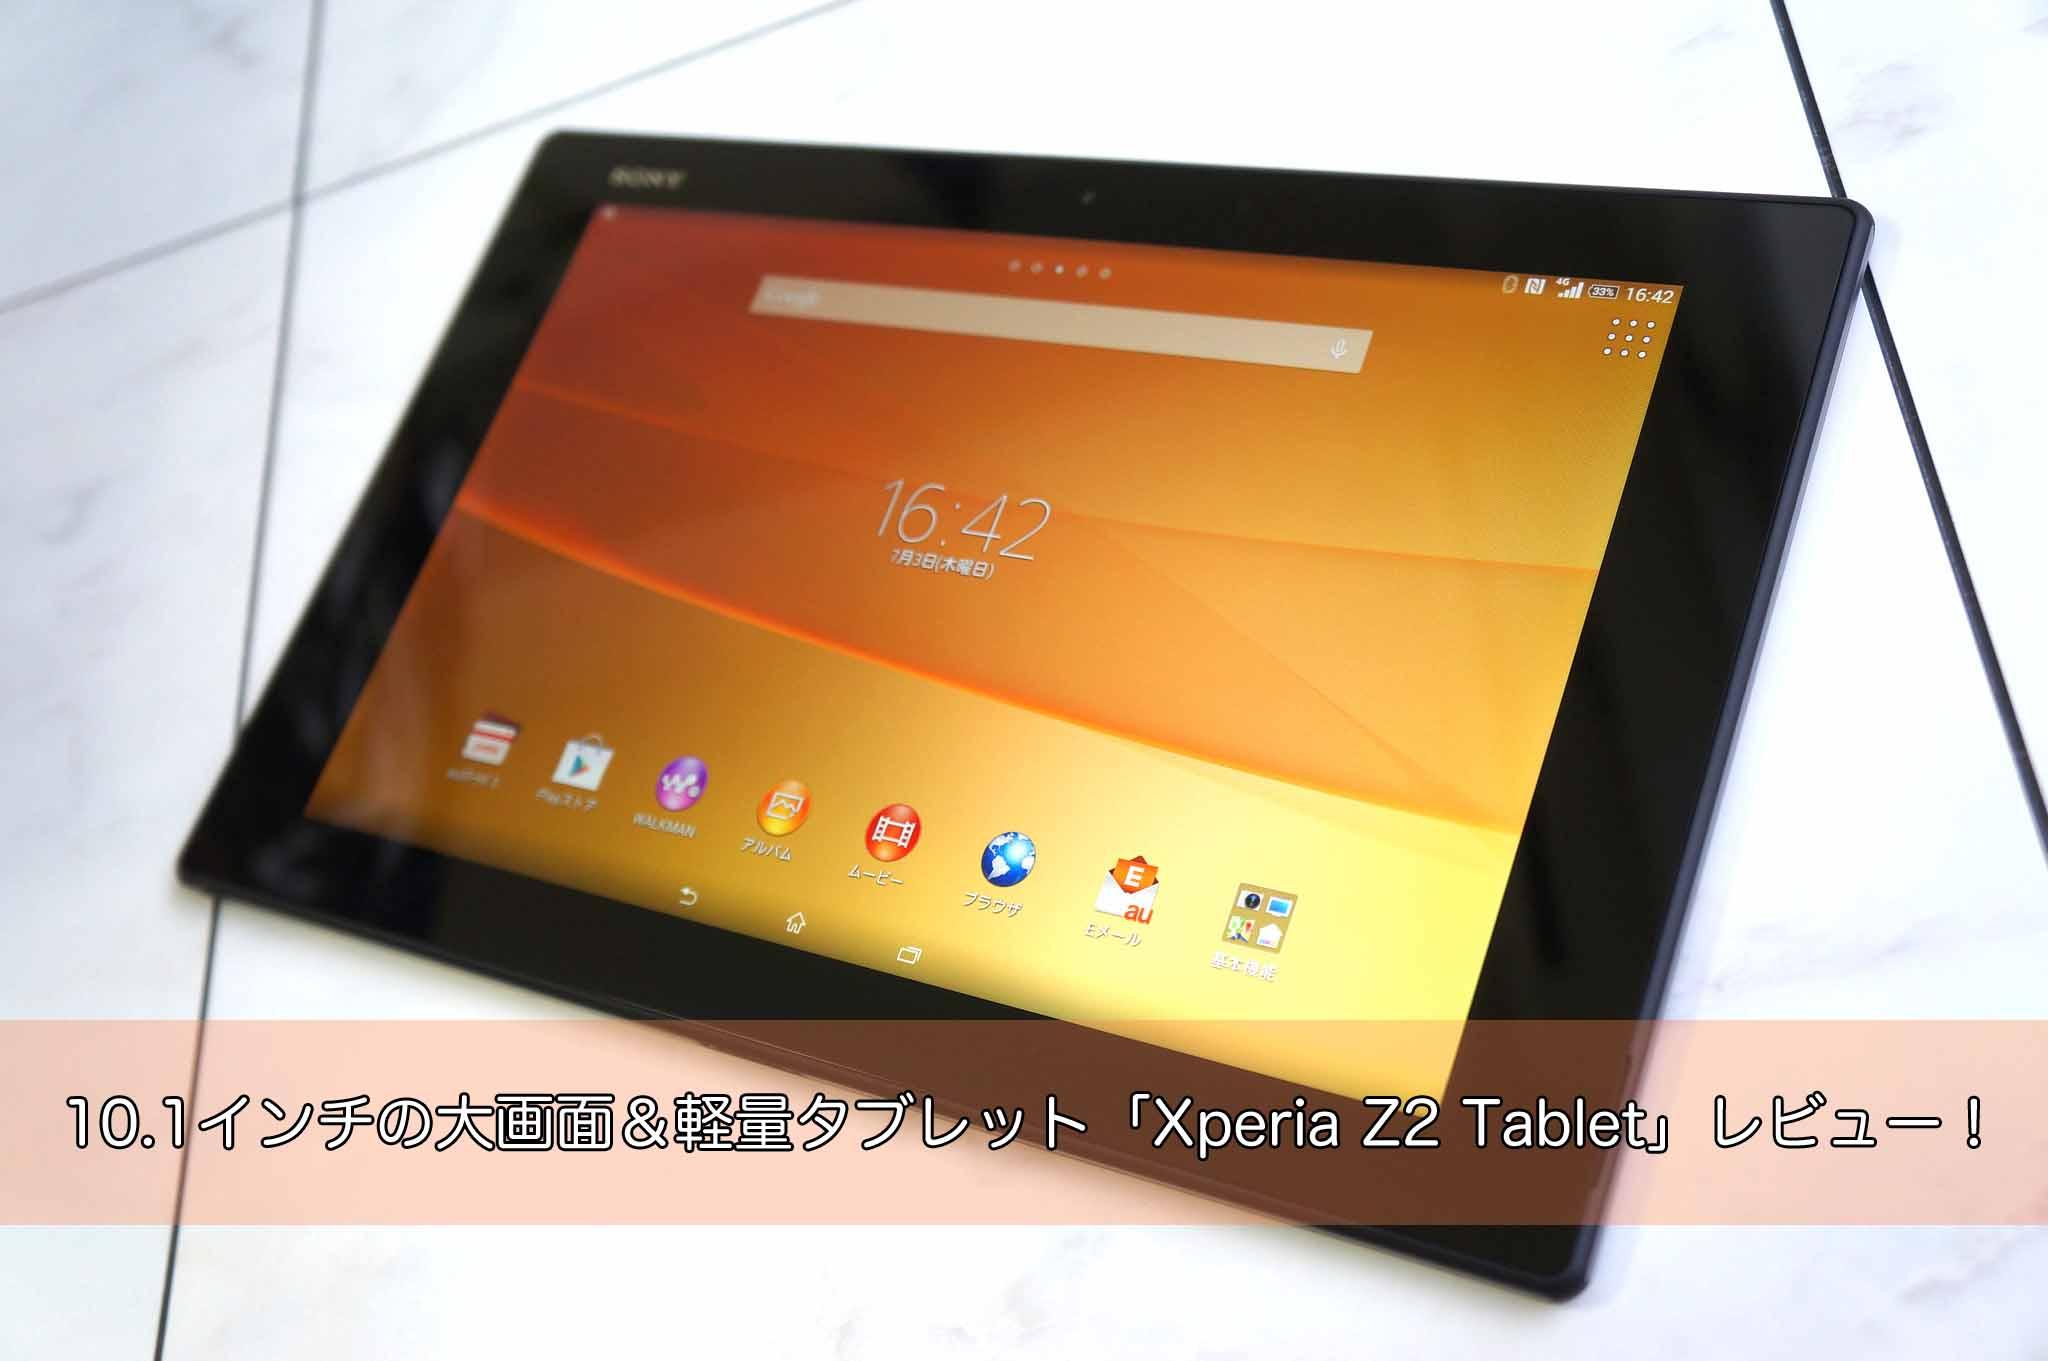 【レビュー】Xperia Z2 Tabletー10.1インチの大画面&軽量タブレット